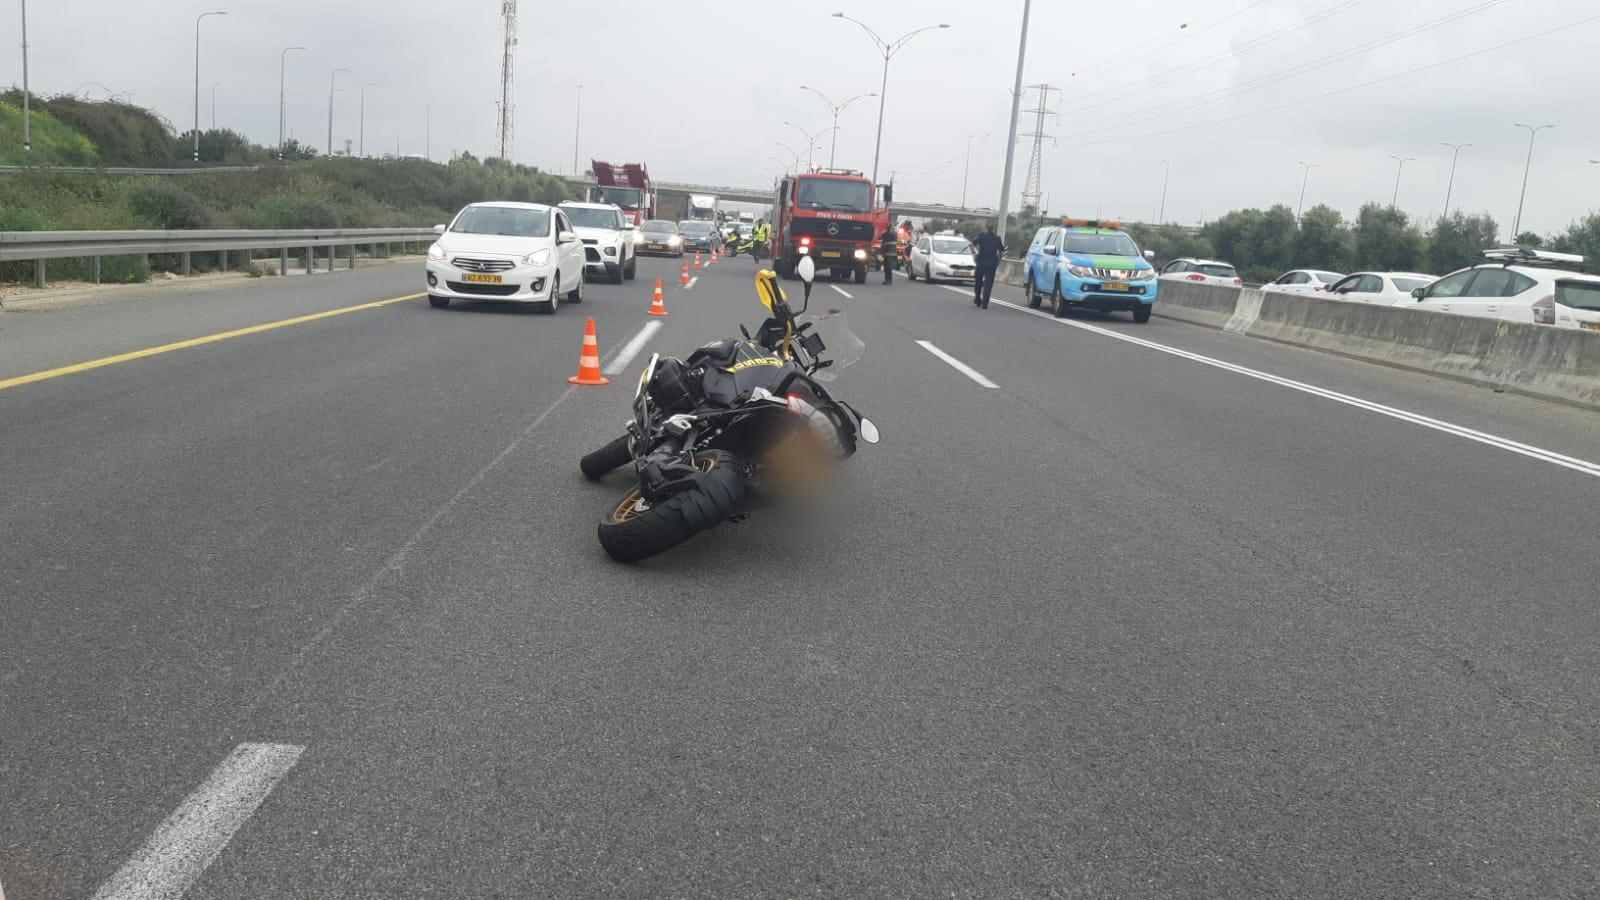 זירת התאונה שבה נהרג הרוכב בן ה-30 בכביש 471